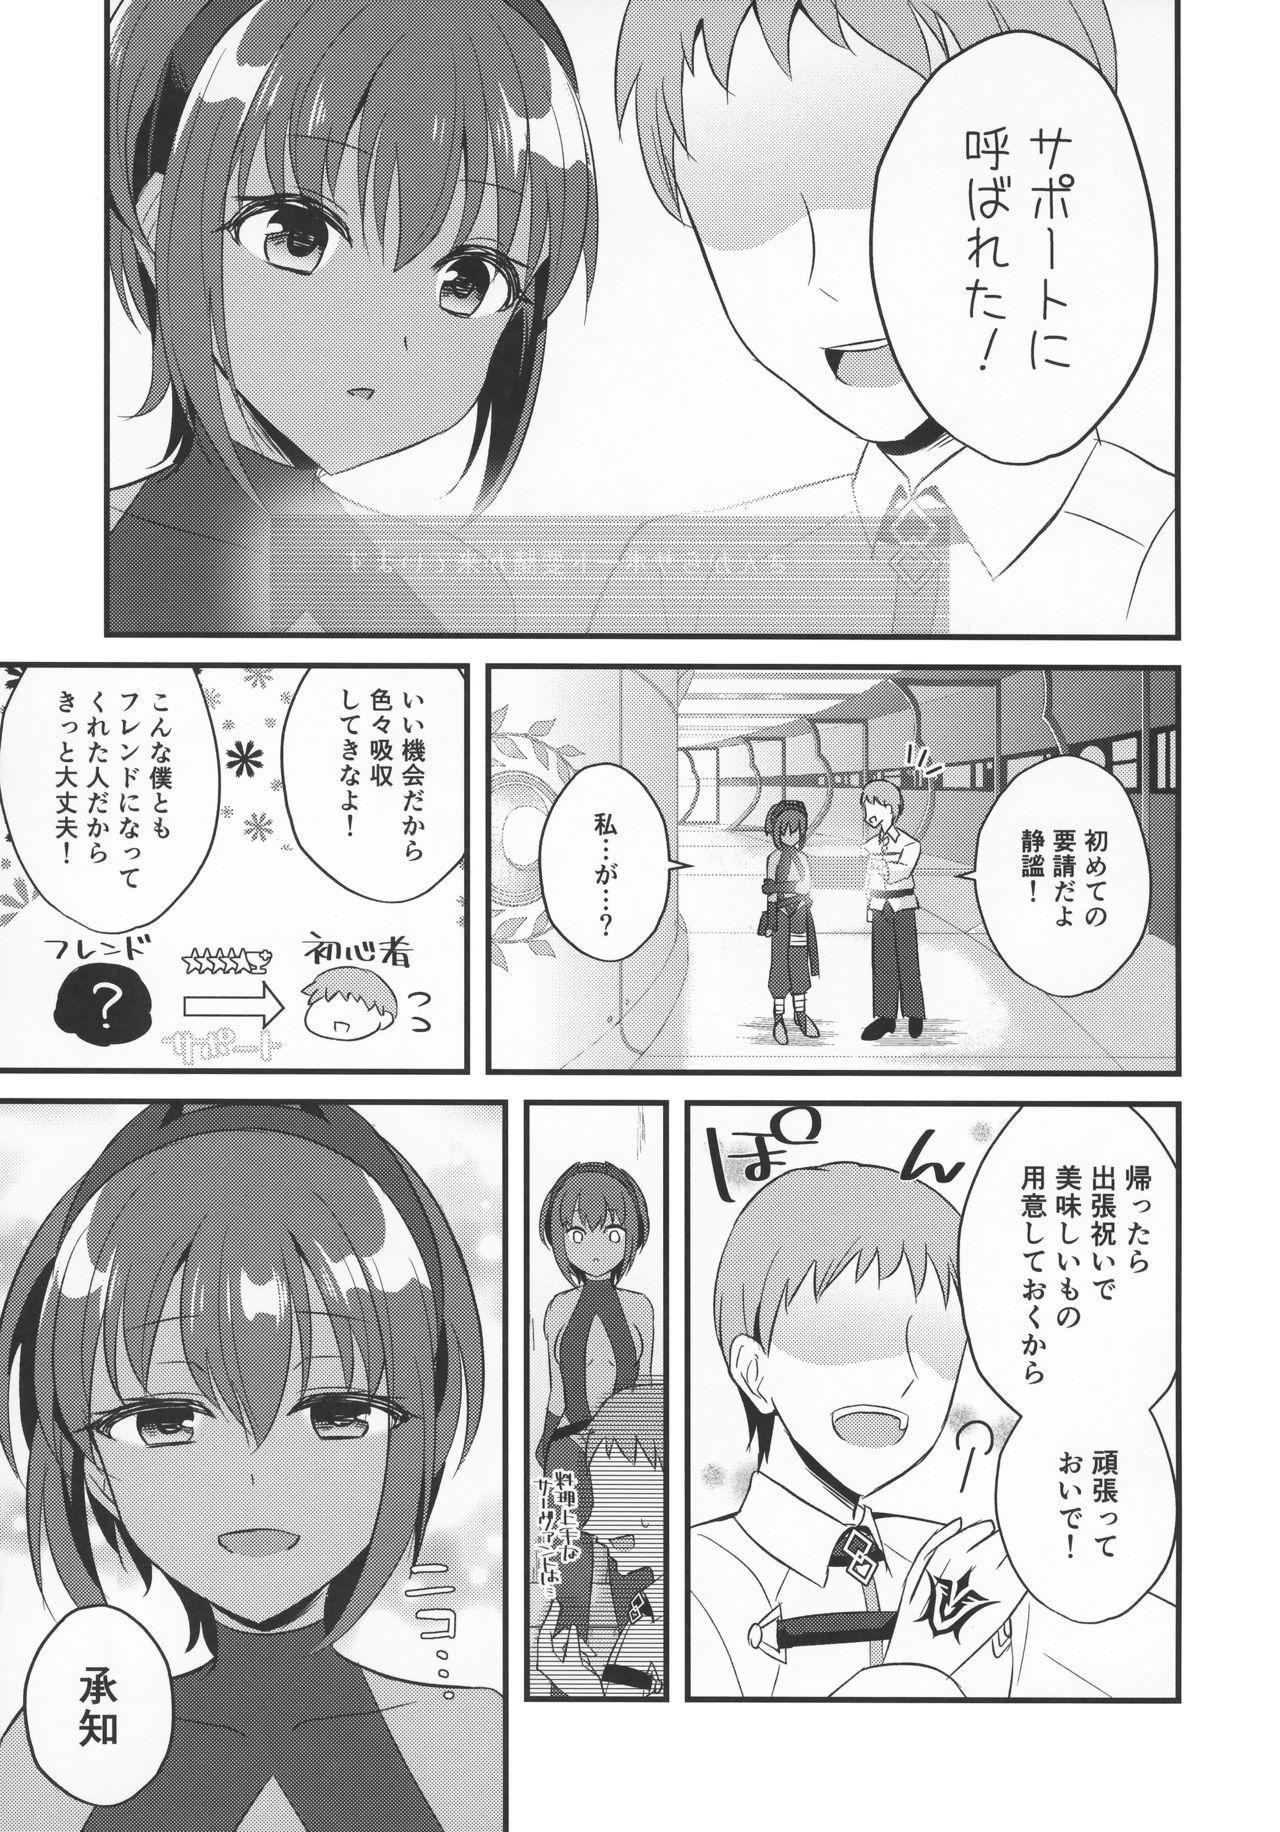 NTR ni Saku Doku no Hana 3